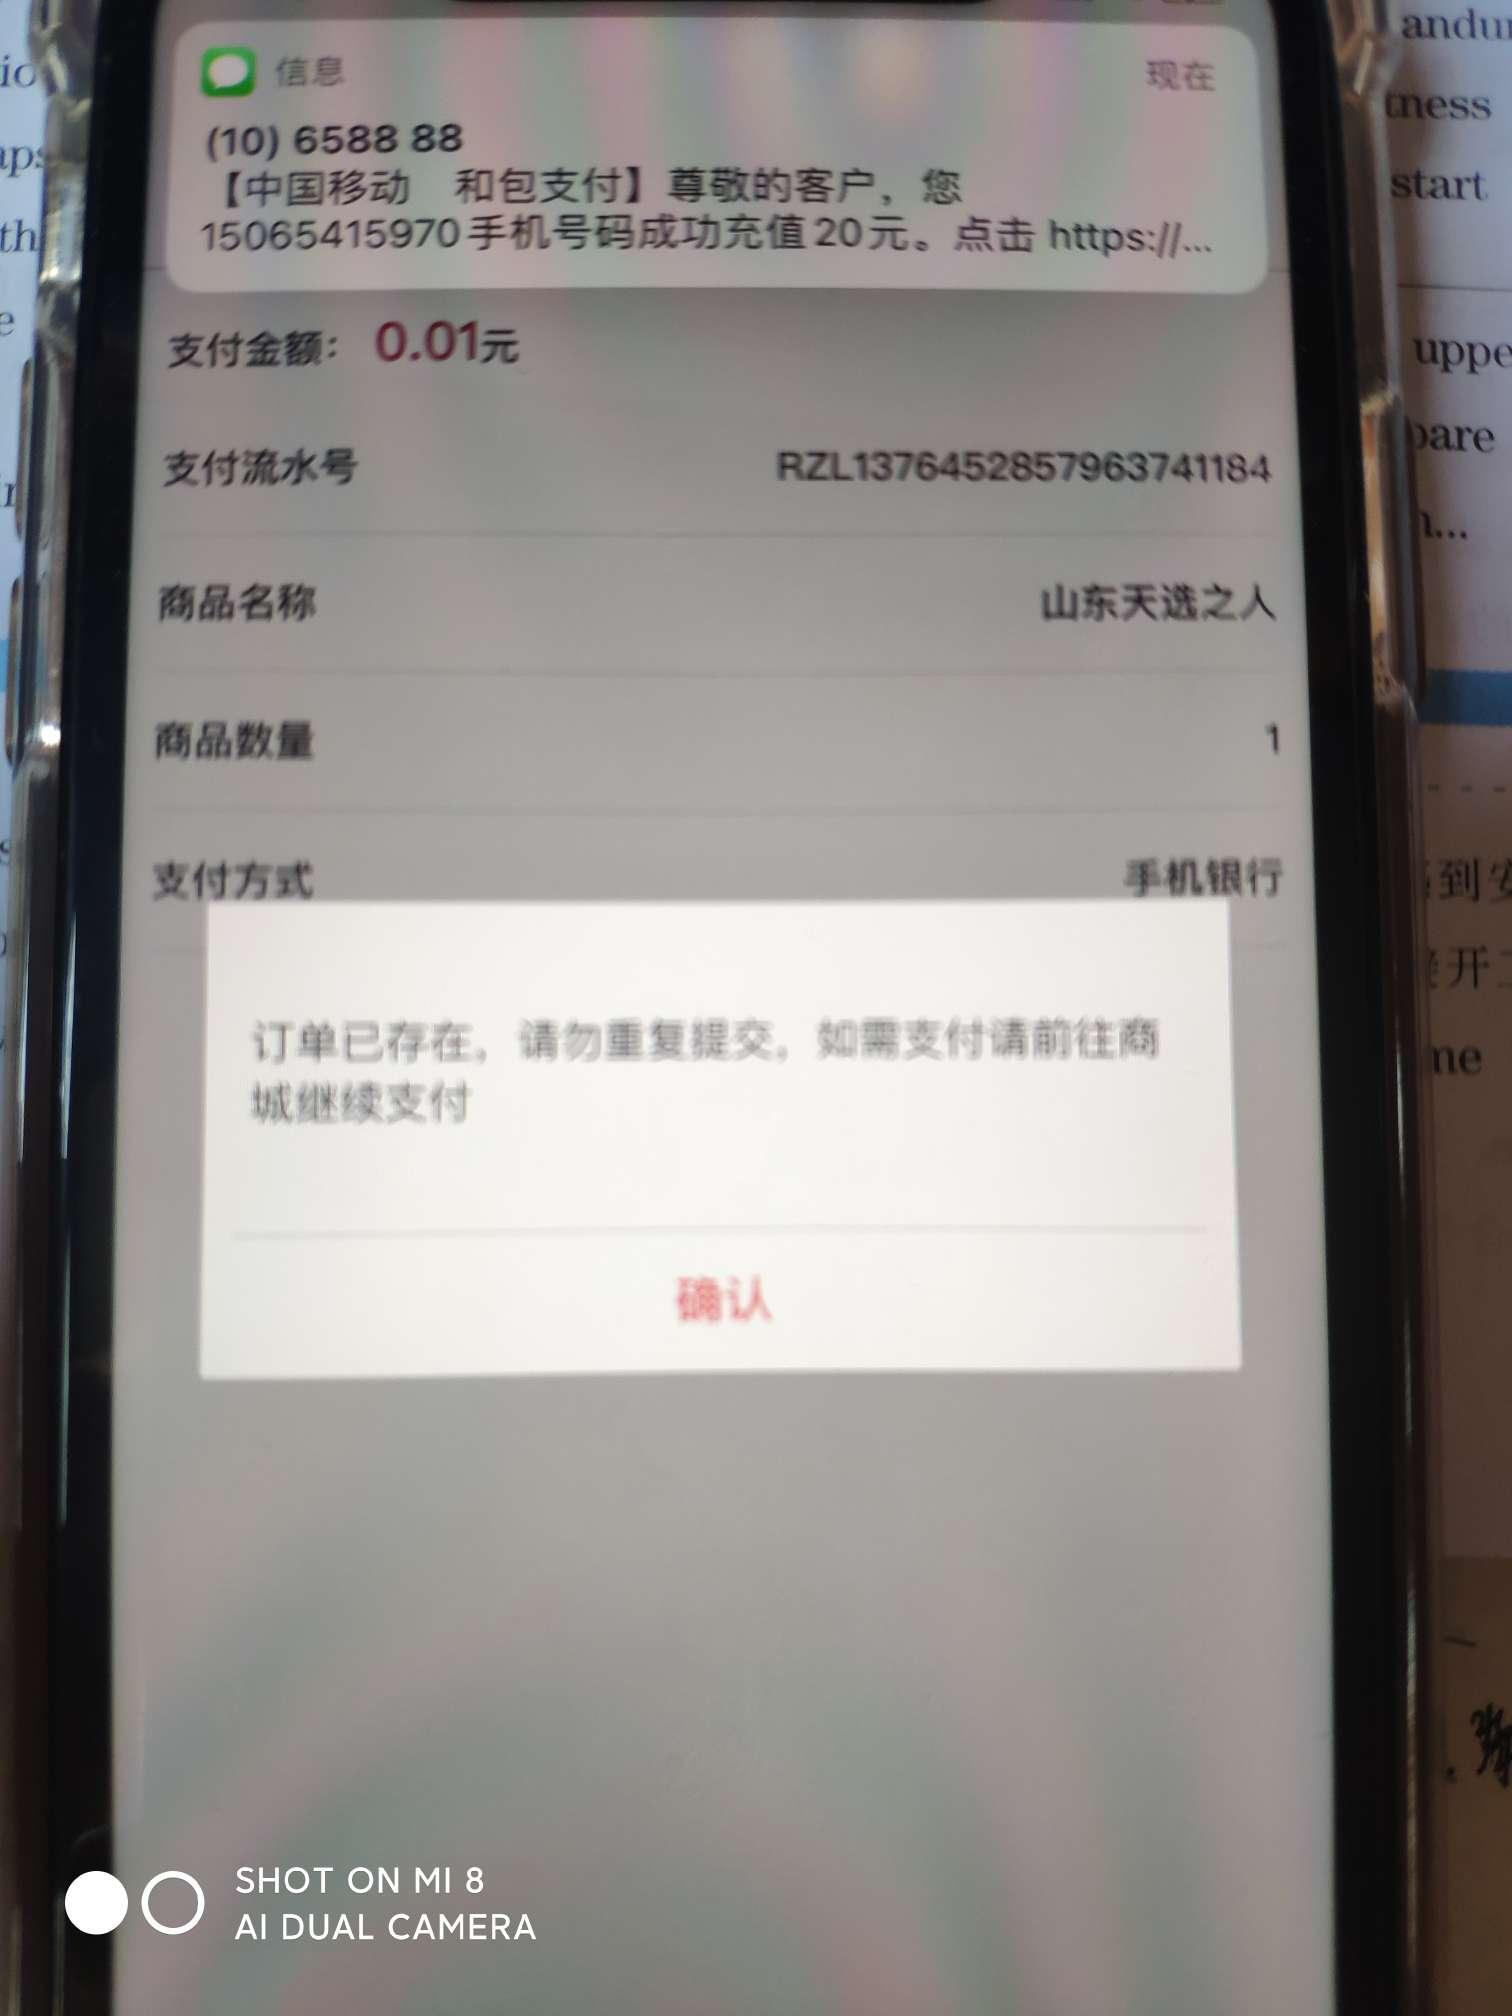 中国银行app支付0.01元得5-100元话费(仅限山东卡)